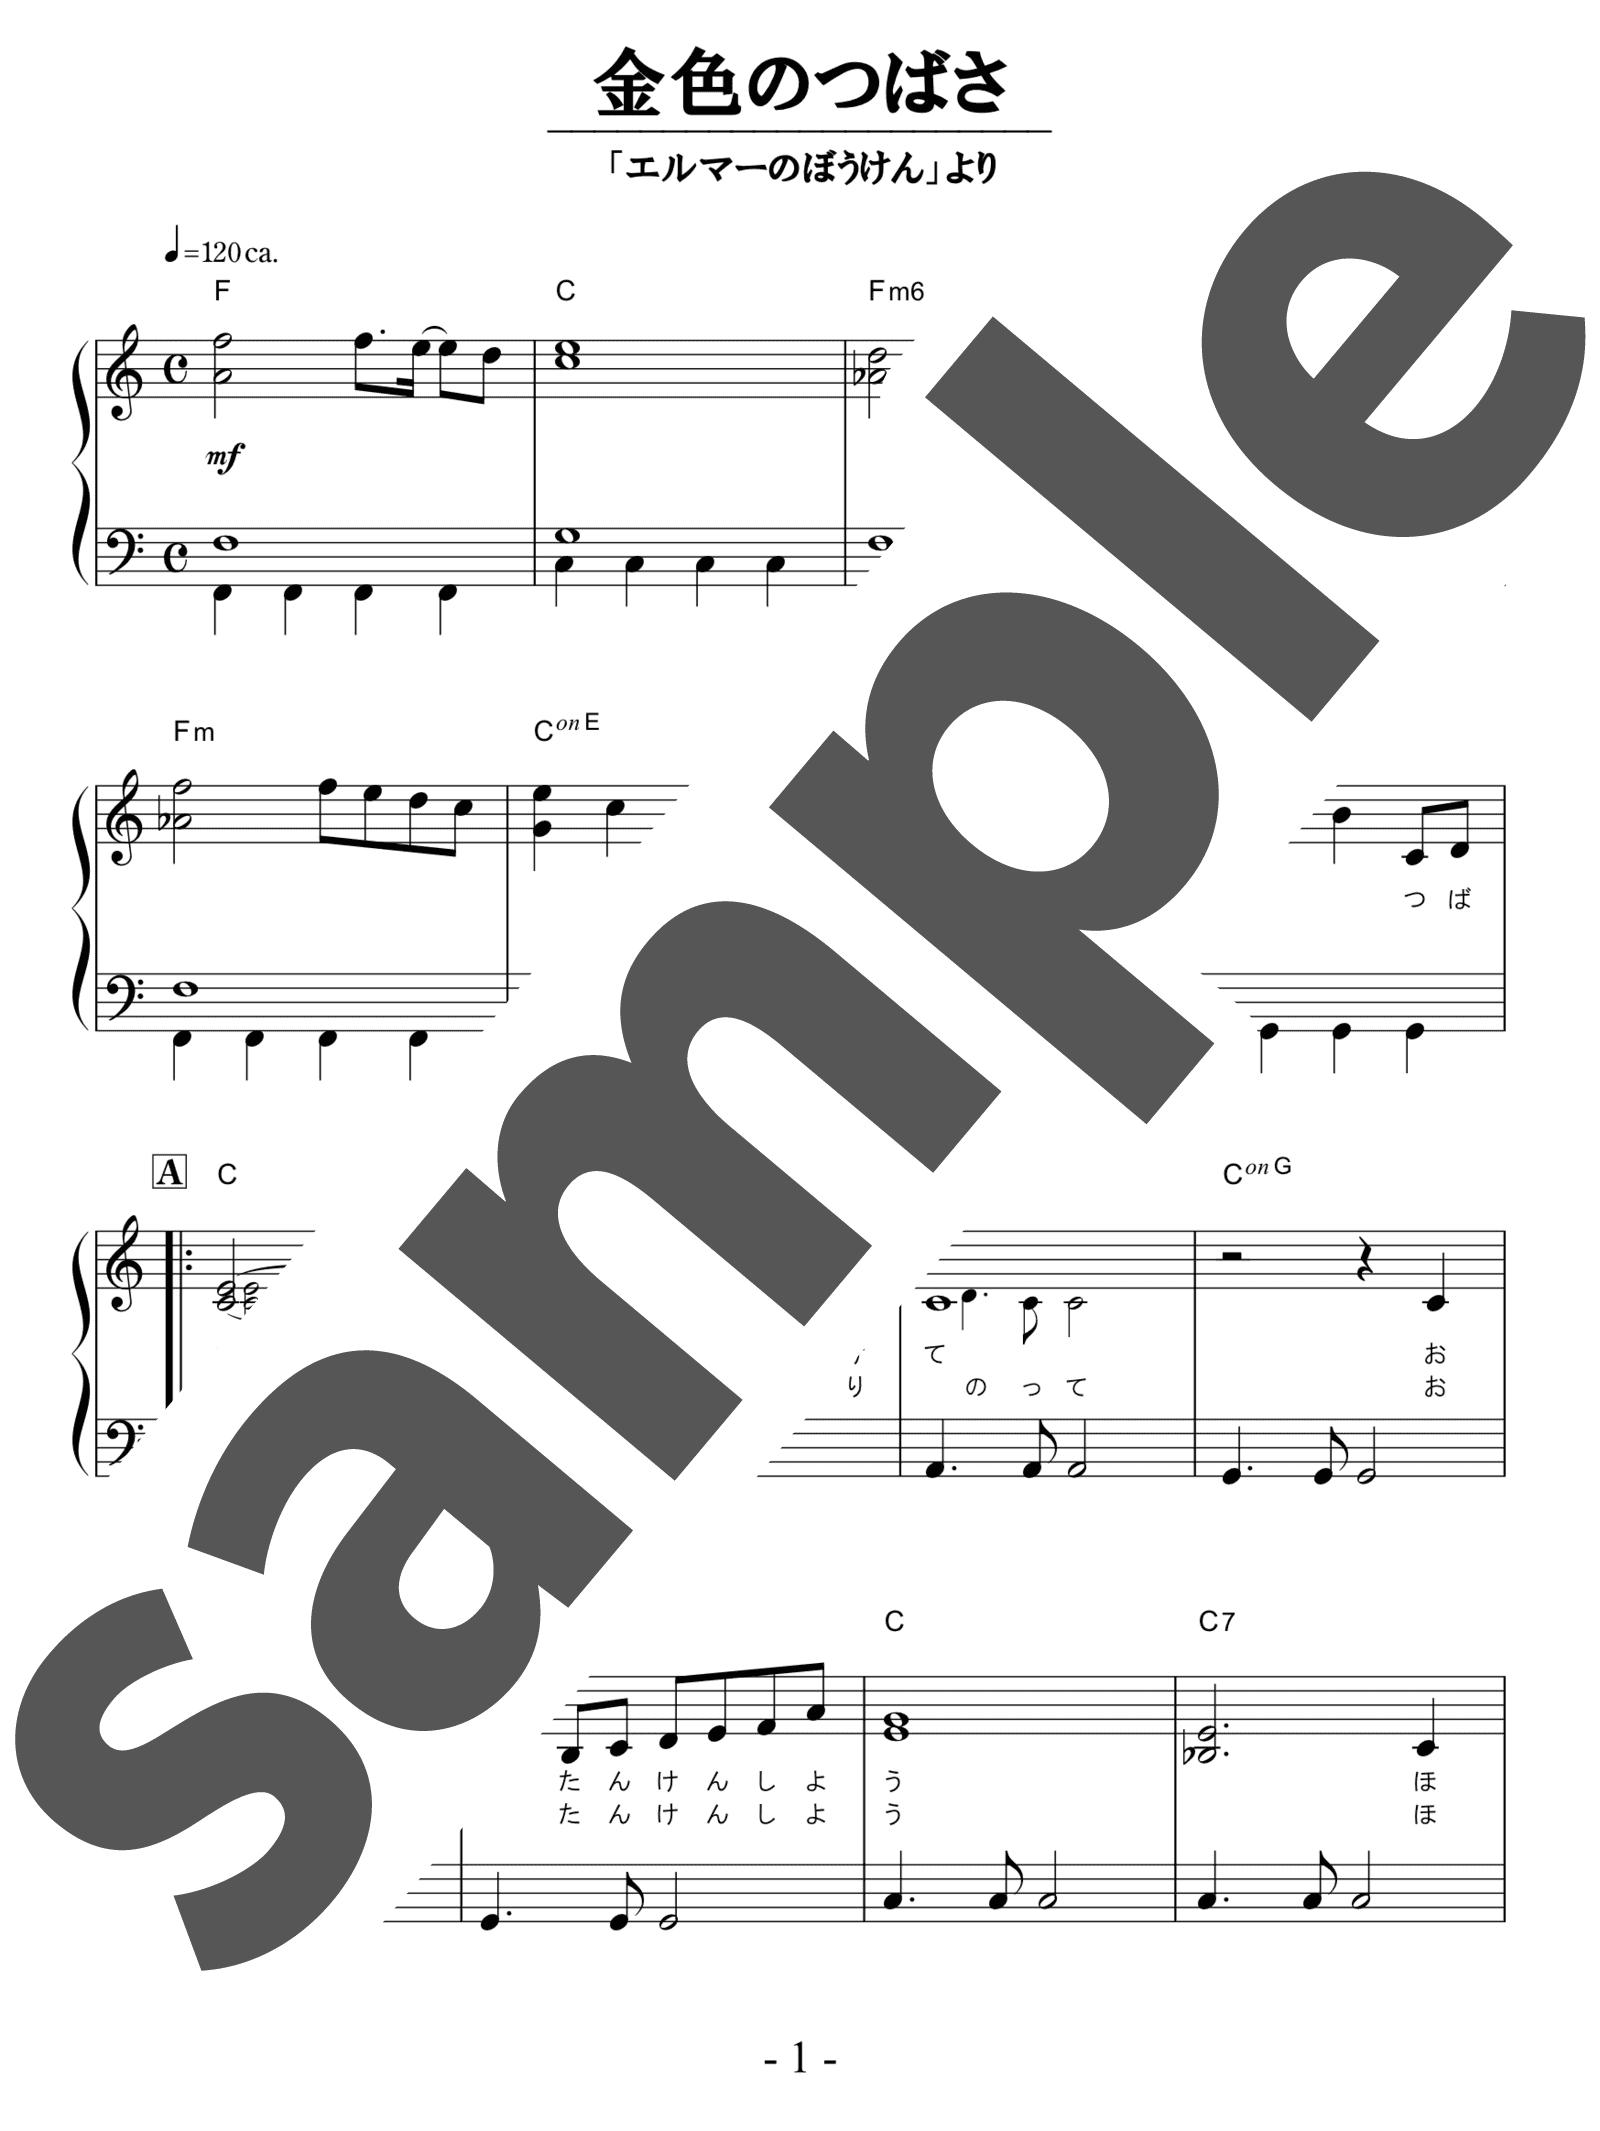 「金色のつばさ」のサンプル楽譜